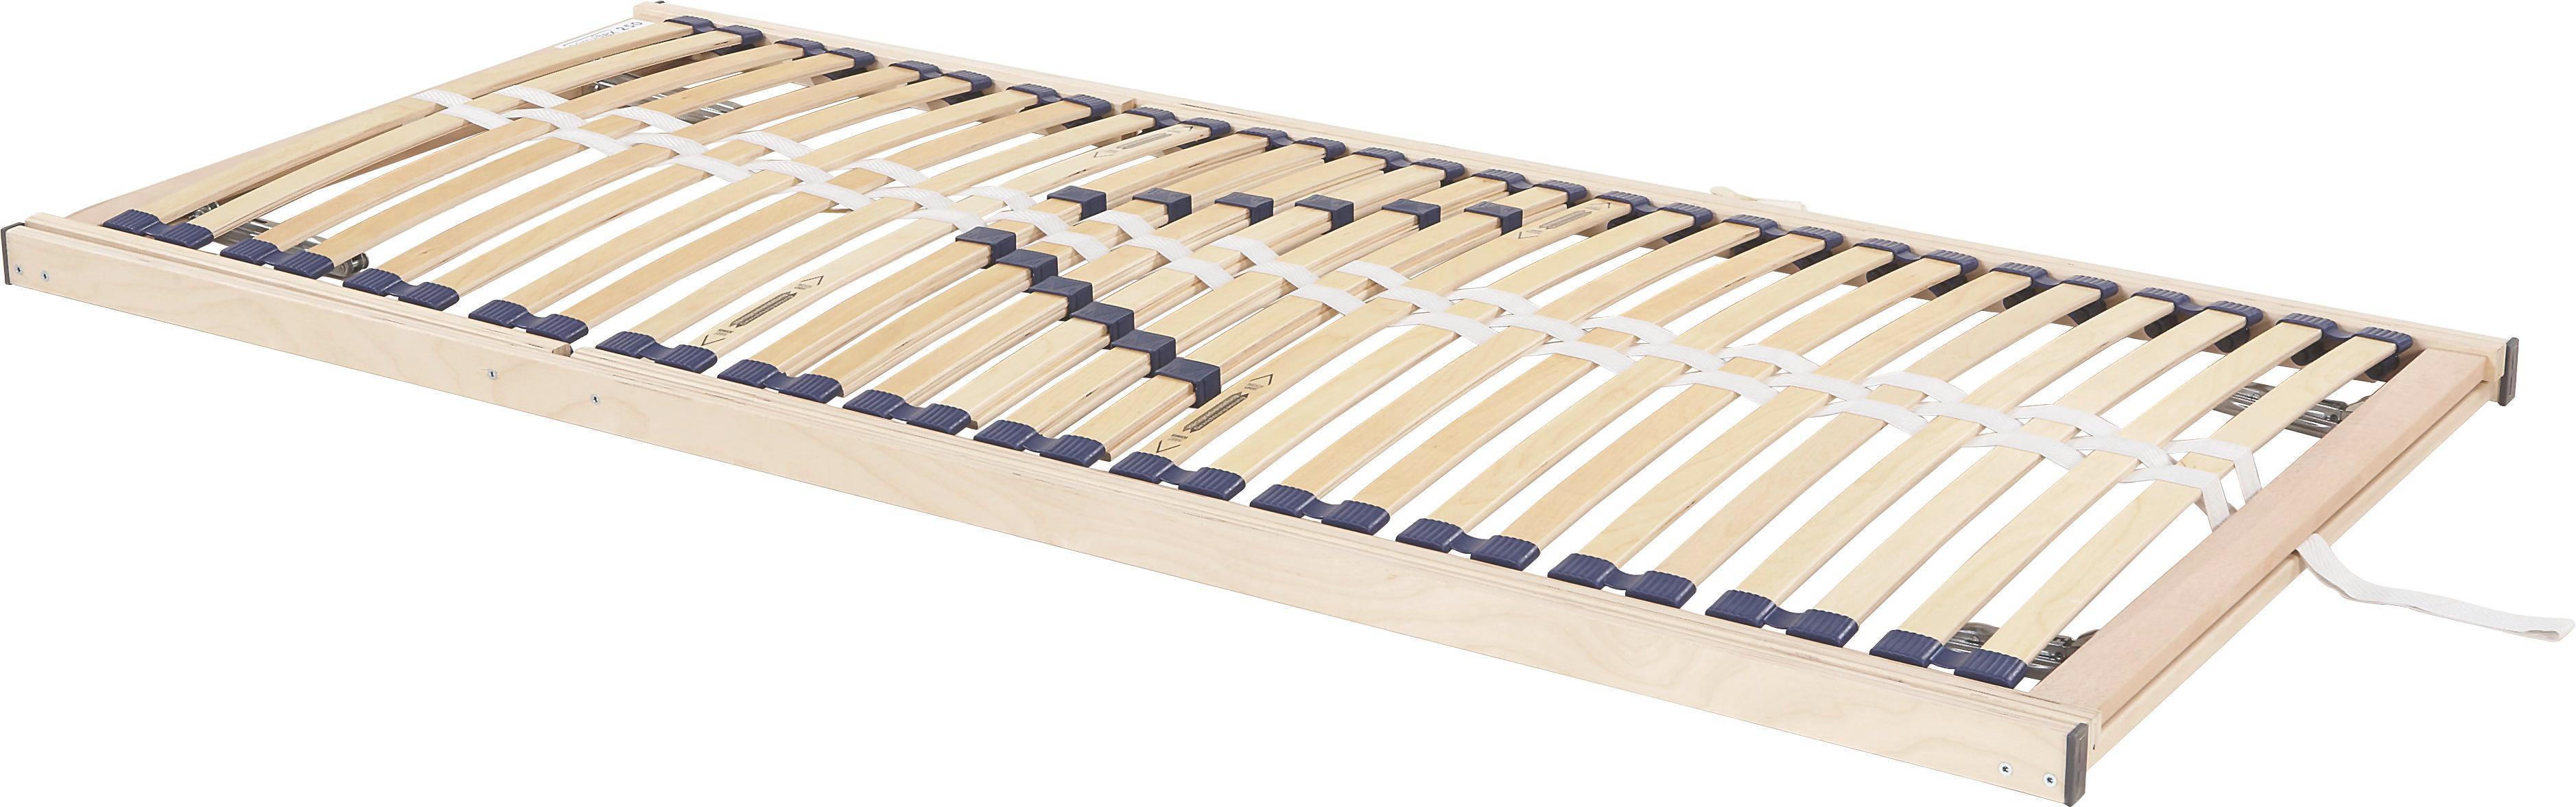 Rošt Primatex 250 140x200cm - drevo (140/200cm) - PRIMATEX